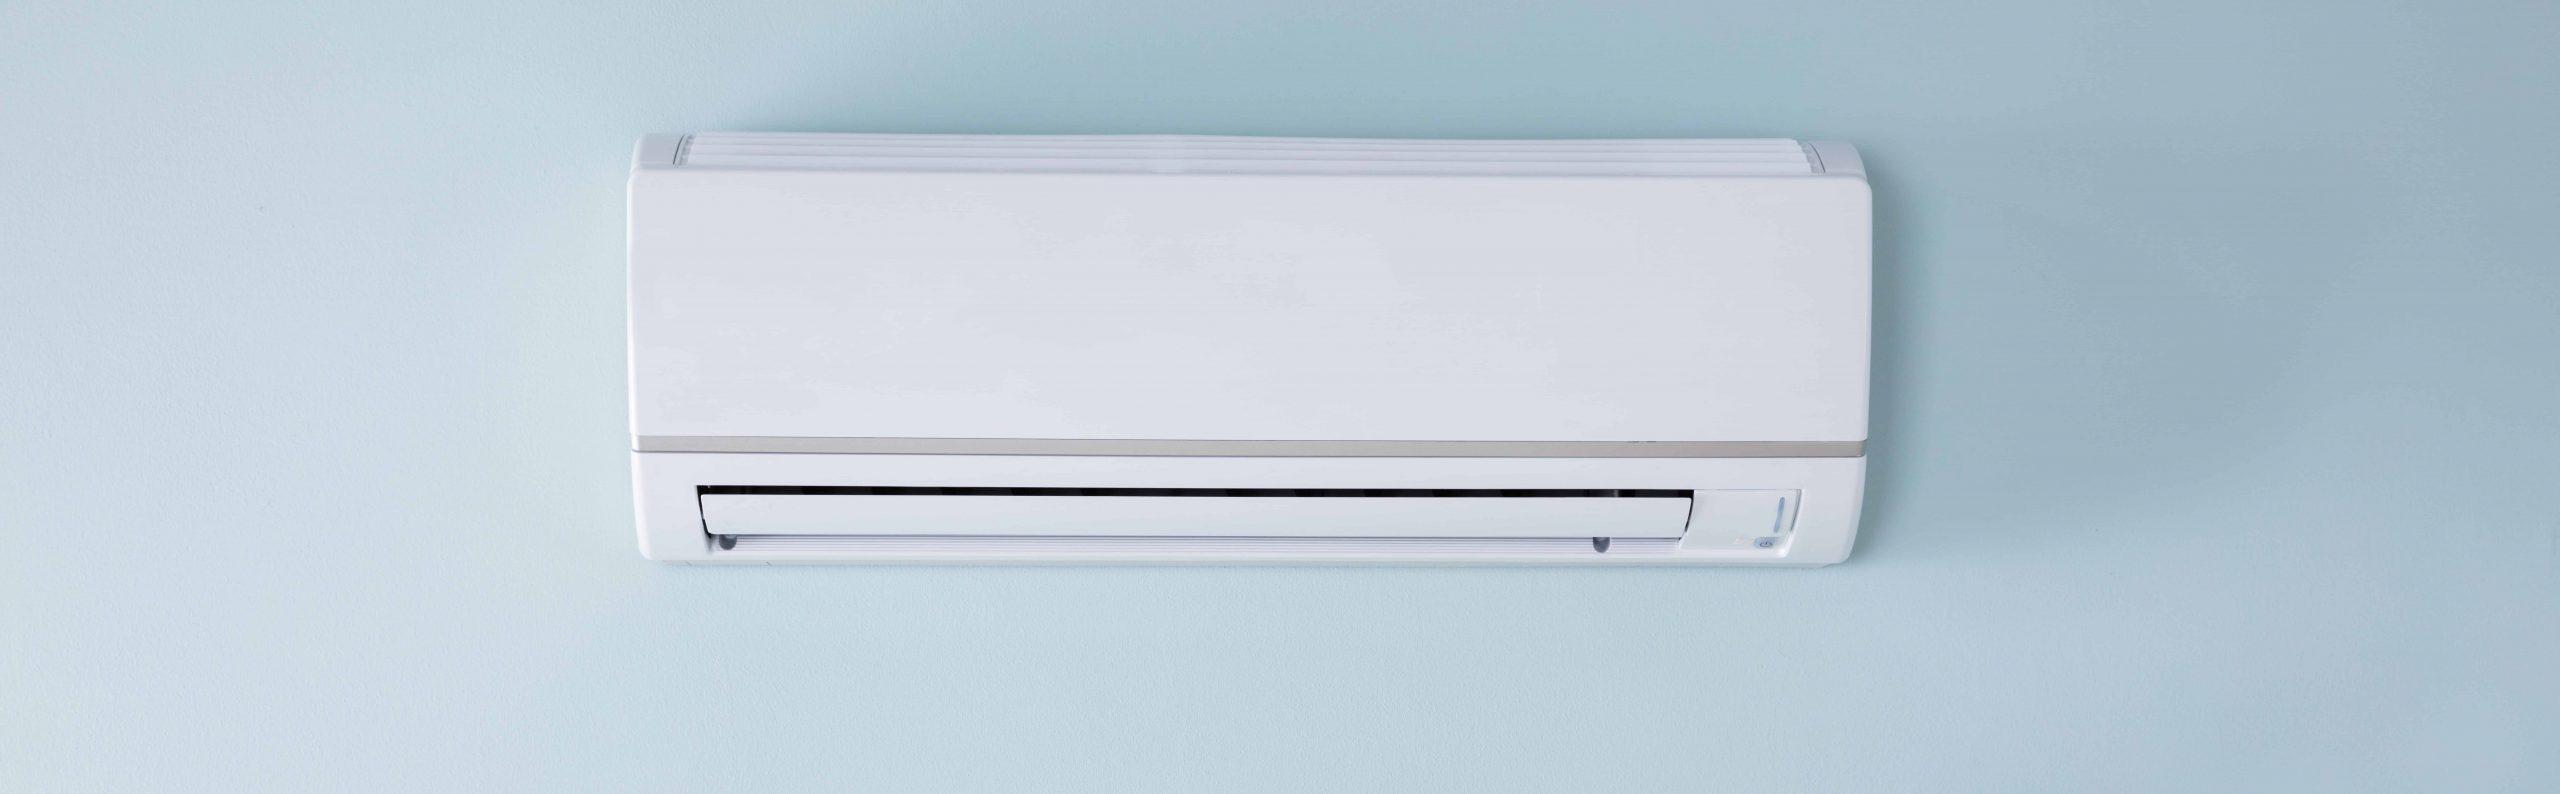 Klimaanlage: Test & Empfehlungen (02/21)